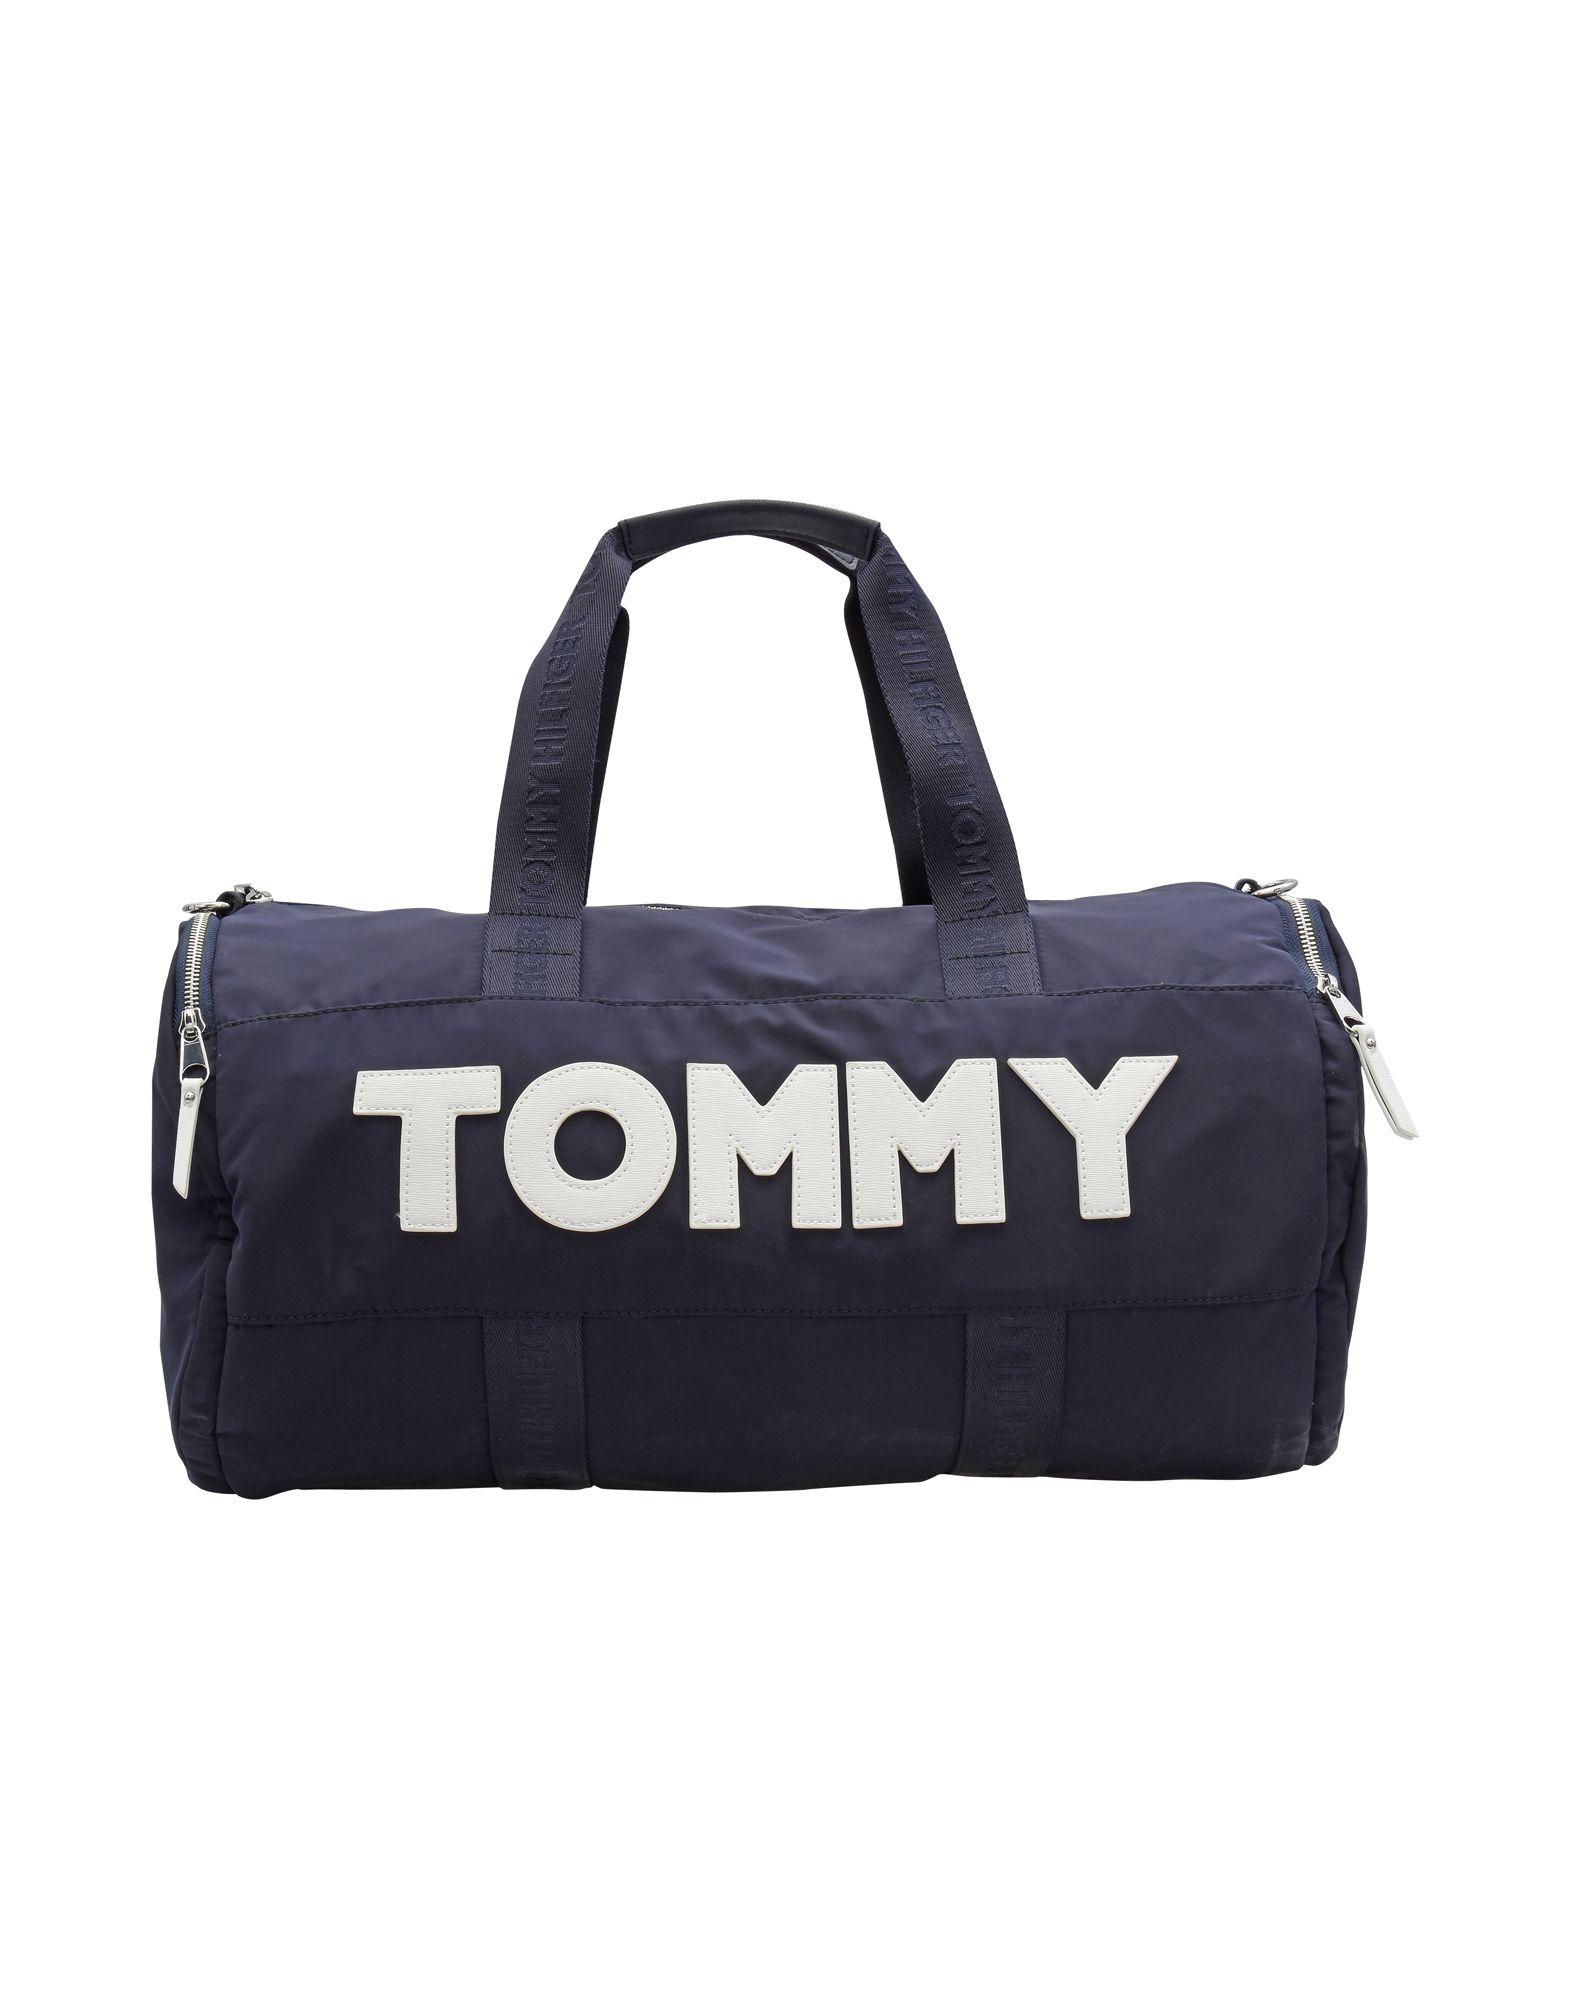 レディース TOMMY HILFIGER TOMMY NYLON DUFFLE 旅行バッグ ダークブルー